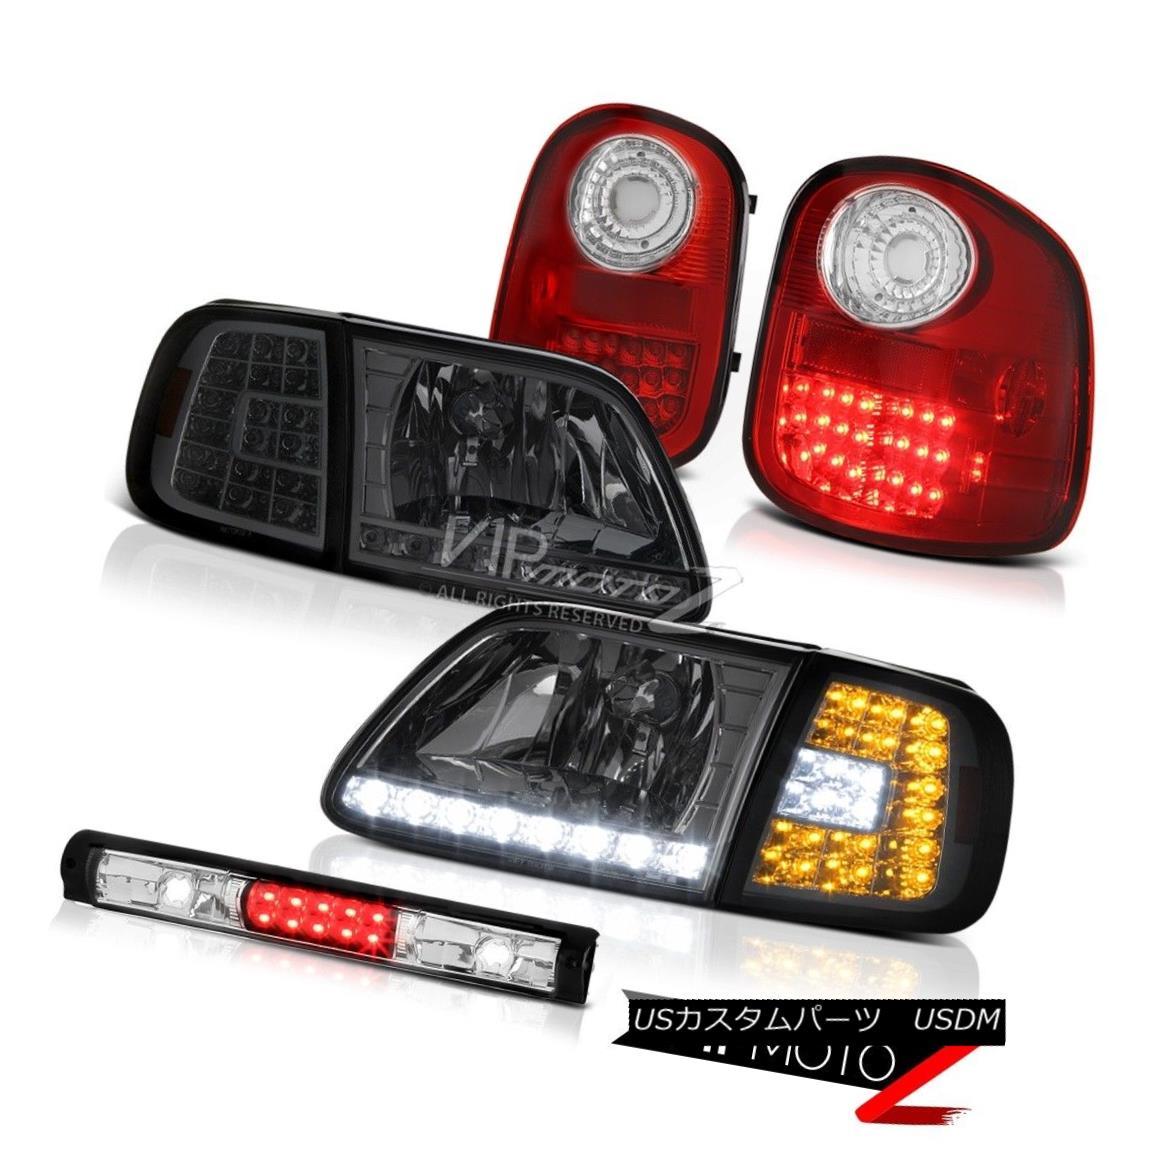 テールライト Parking DRL Headlamps Red Taillight High Brake LED 1997-2003 F150 Flareside 4.2L パーキングDRLヘッドランプレッドタイルハイブレーキLED 1997-2003 F150フラレイド4.2L